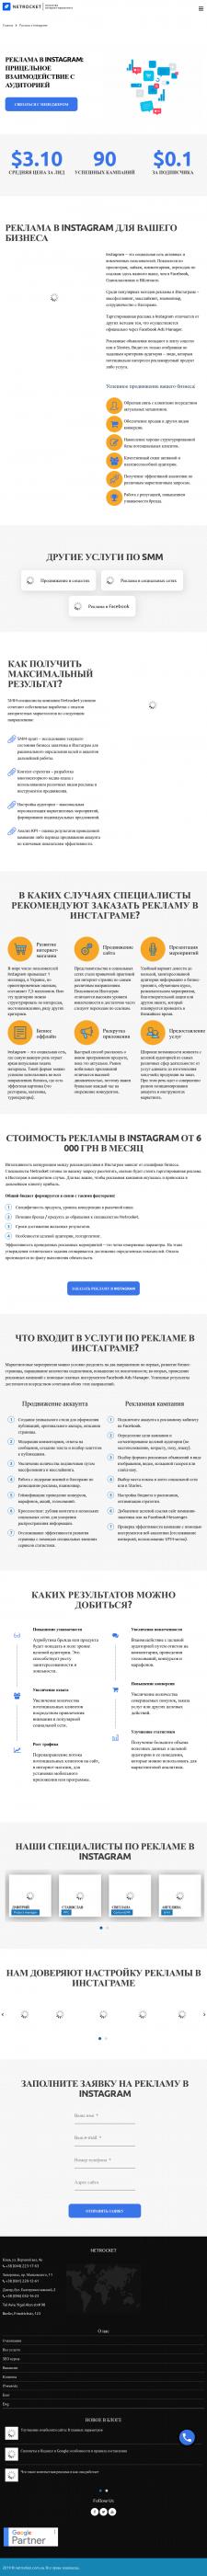 Структурированный контент для посадочной страницы